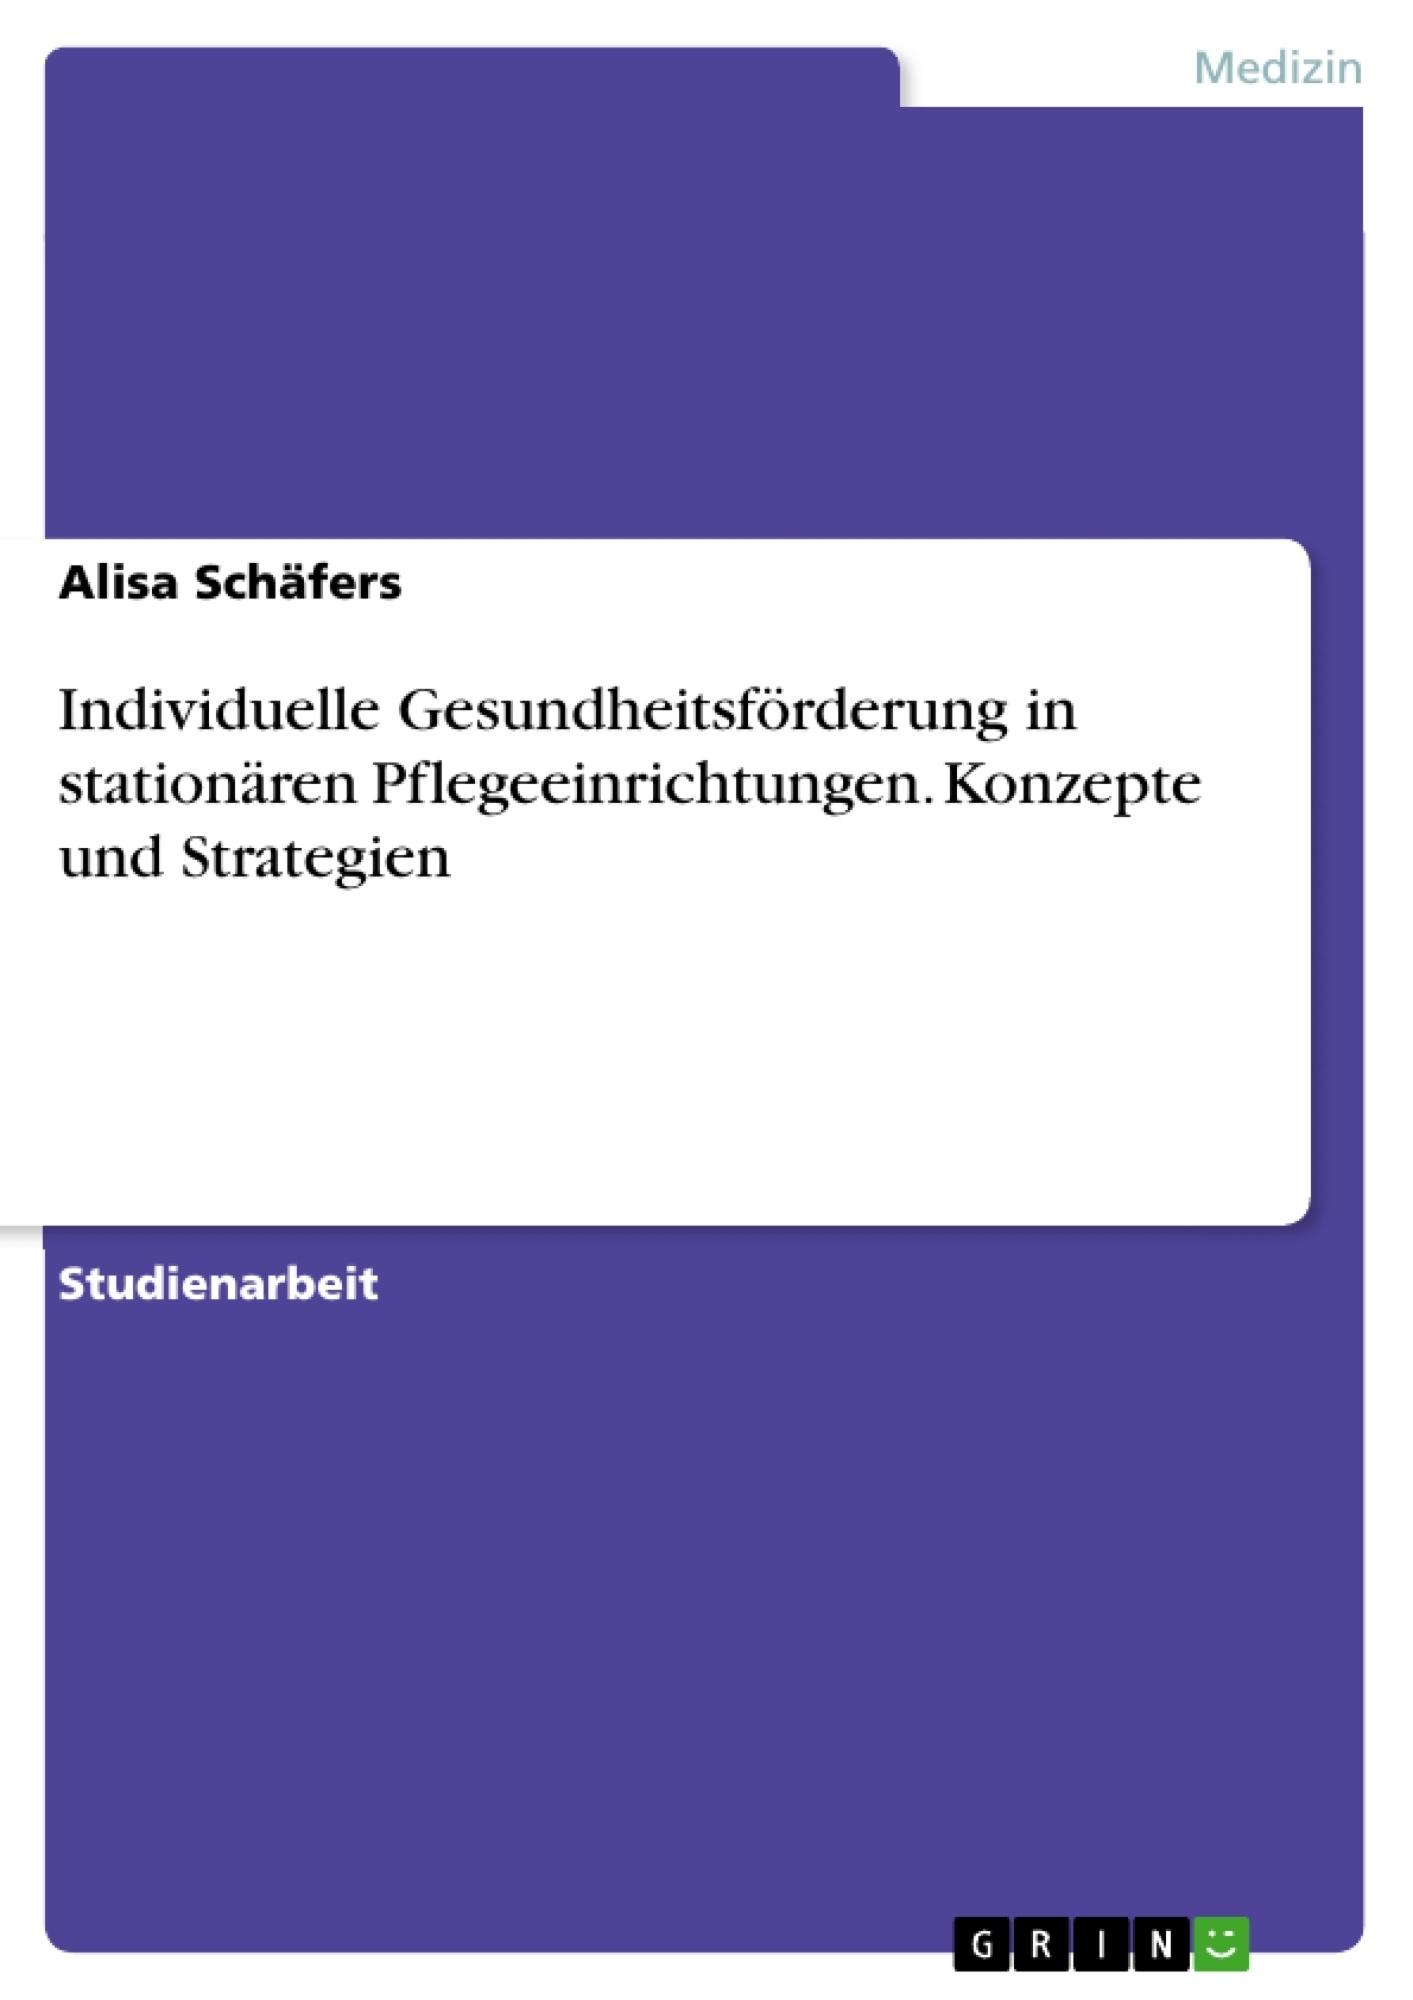 Titel: Individuelle Gesundheitsförderung in stationären Pflegeeinrichtungen. Konzepte und Strategien